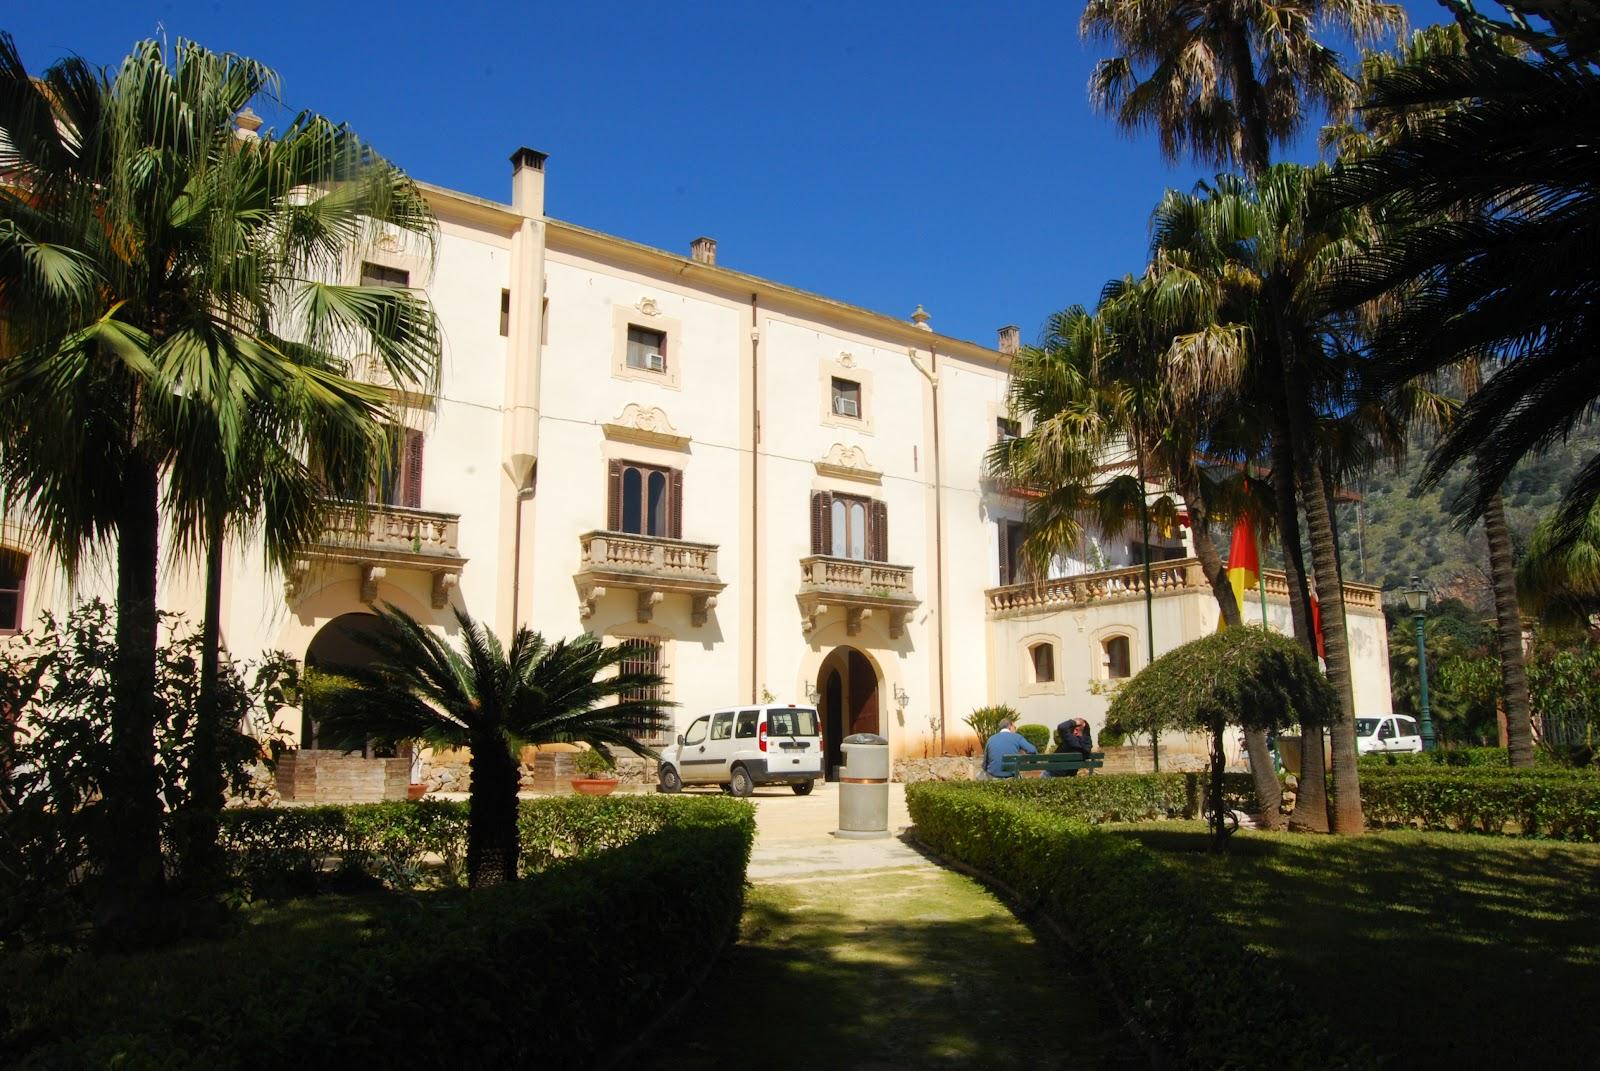 ville e giardini di Palermo